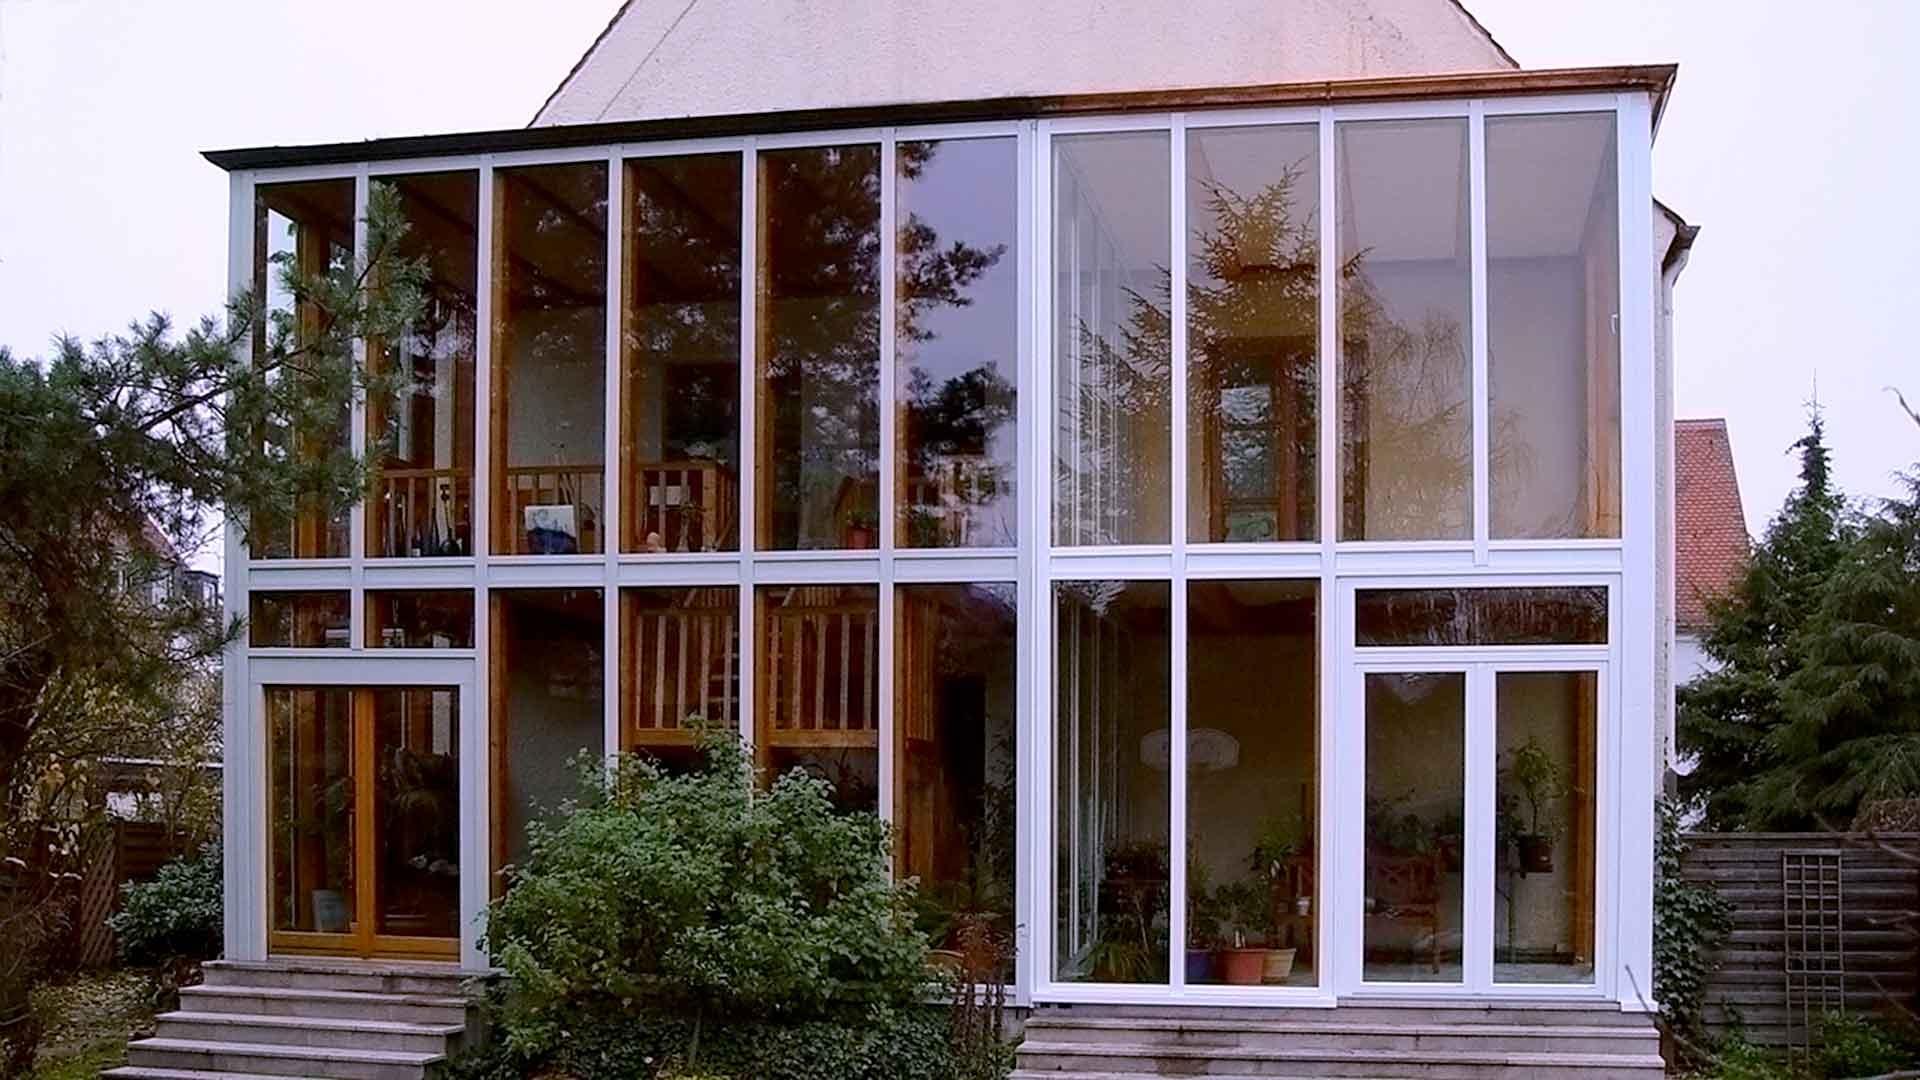 wintergartensanierung-fassadensanierung-mit-glas-glasvoit